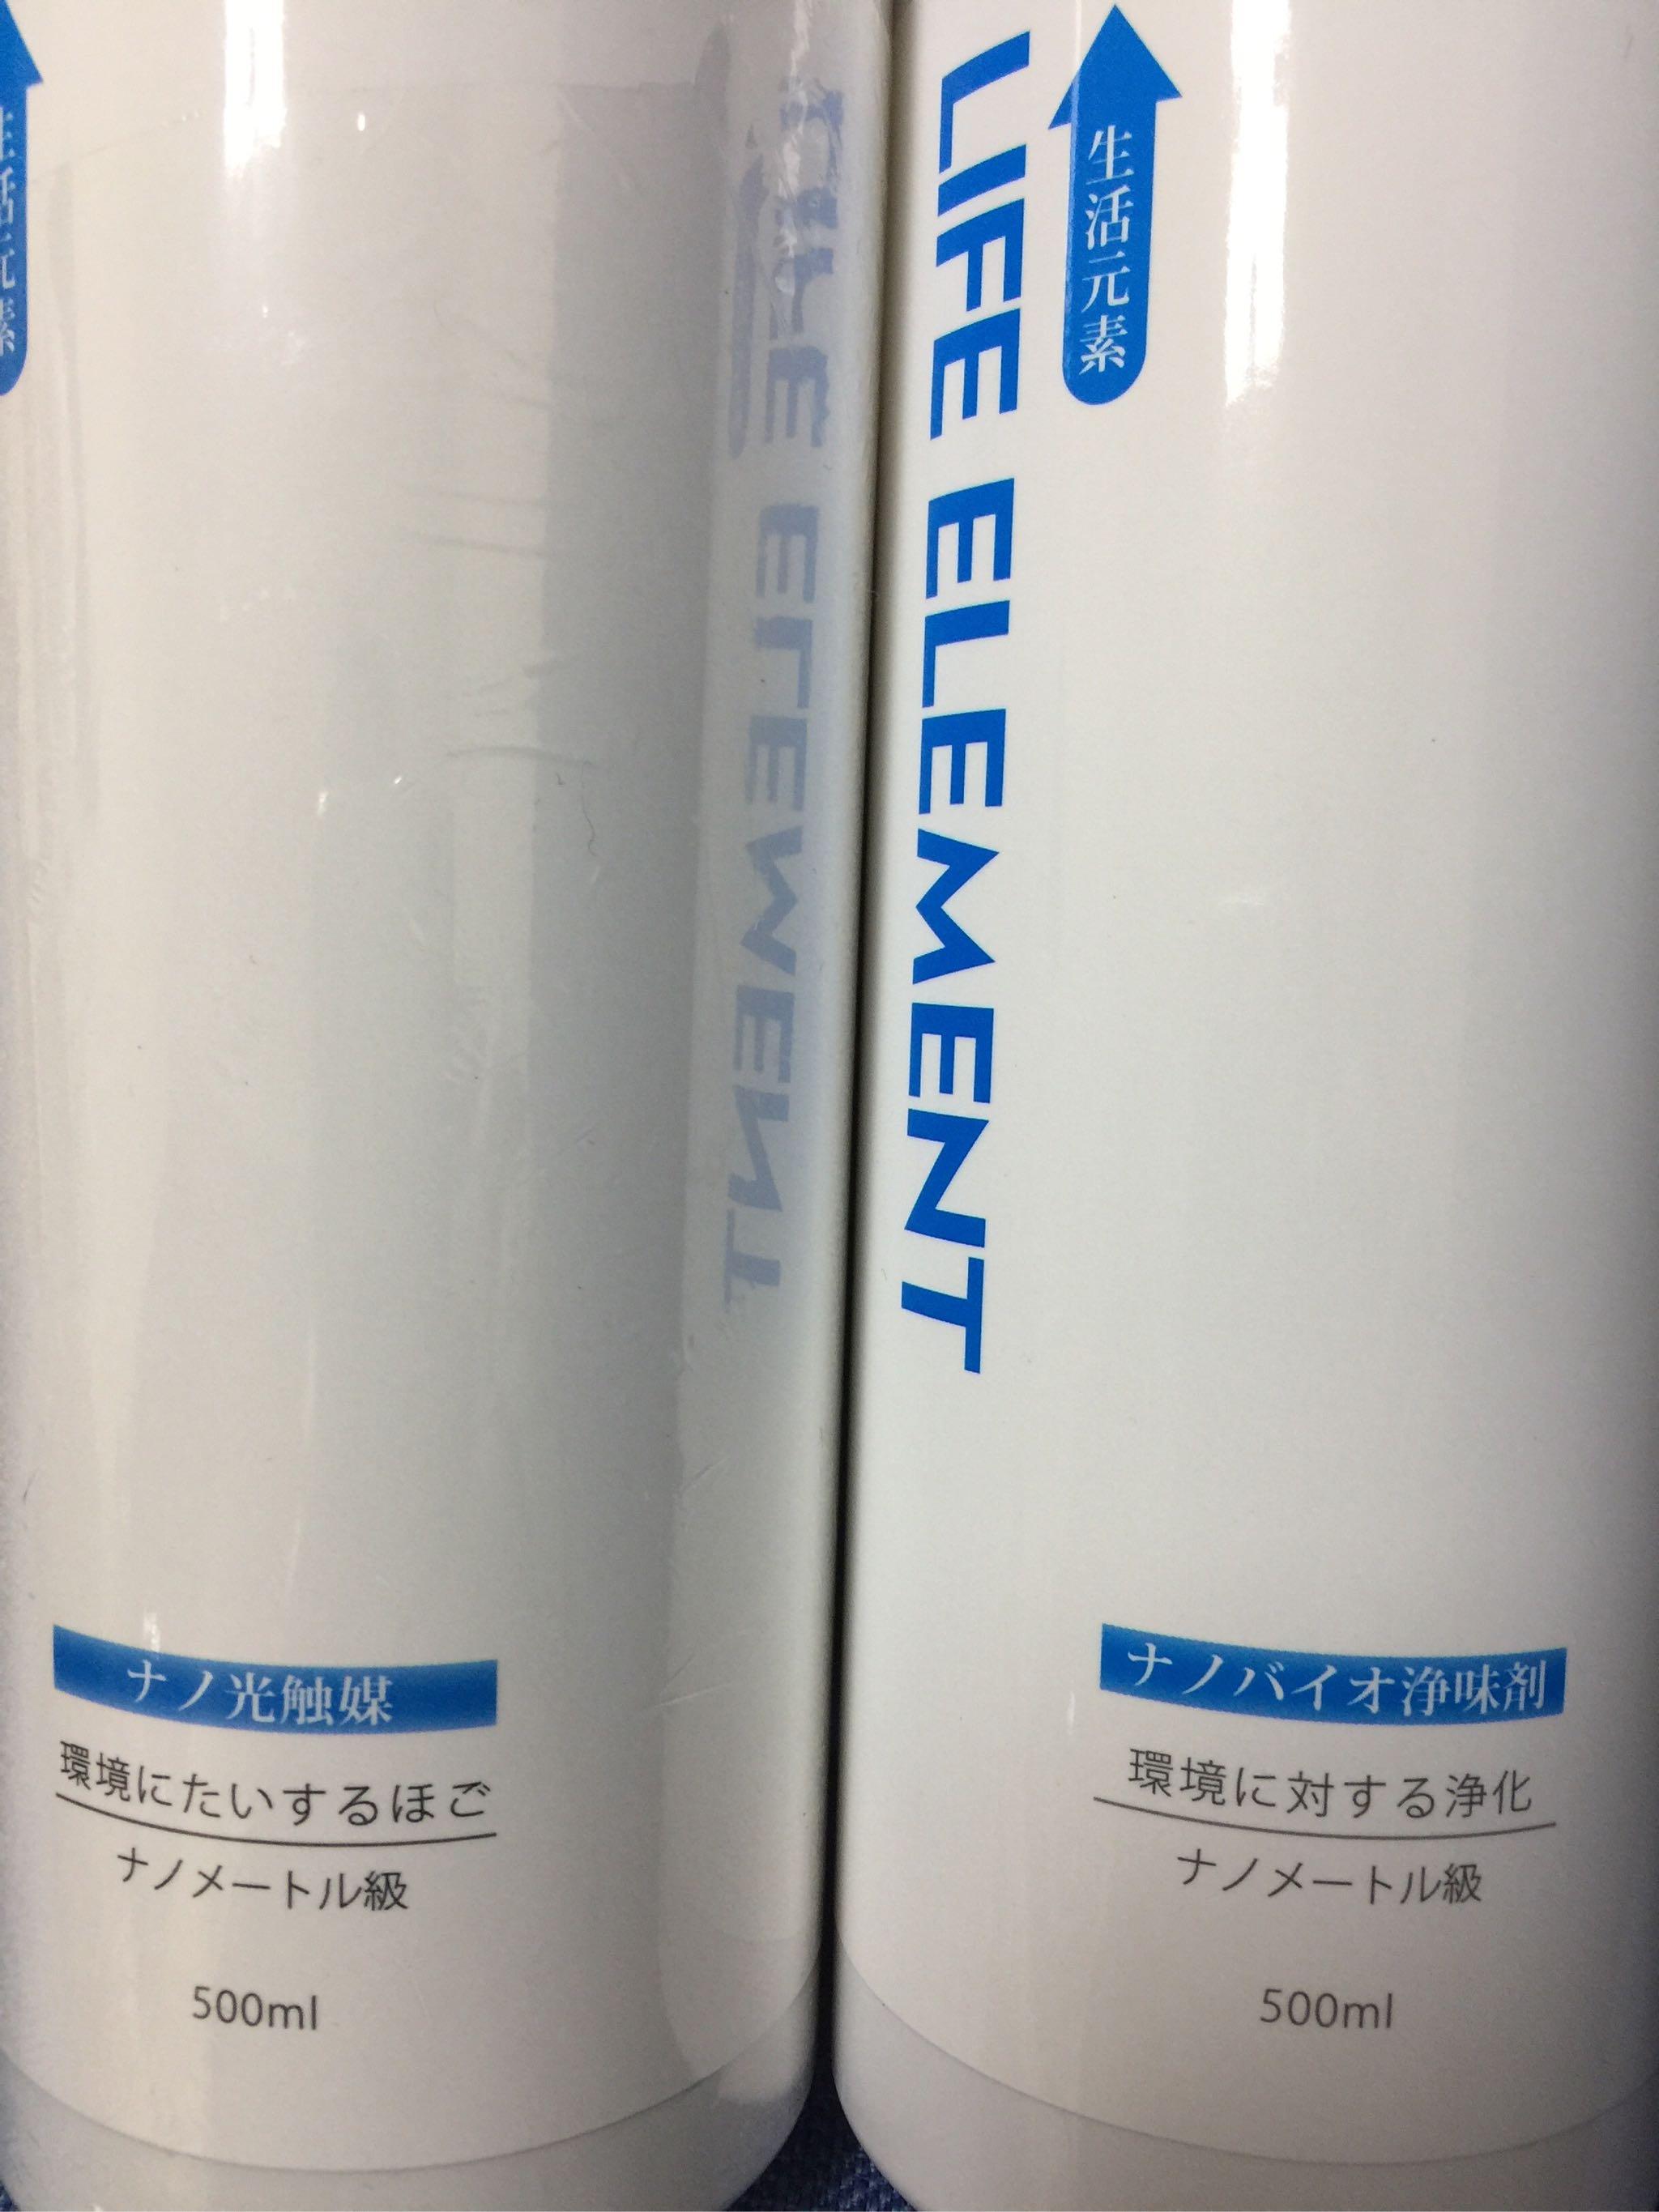 生活元素除甲醛产品的样式很高大上,一瓶光触媒一瓶除味组合